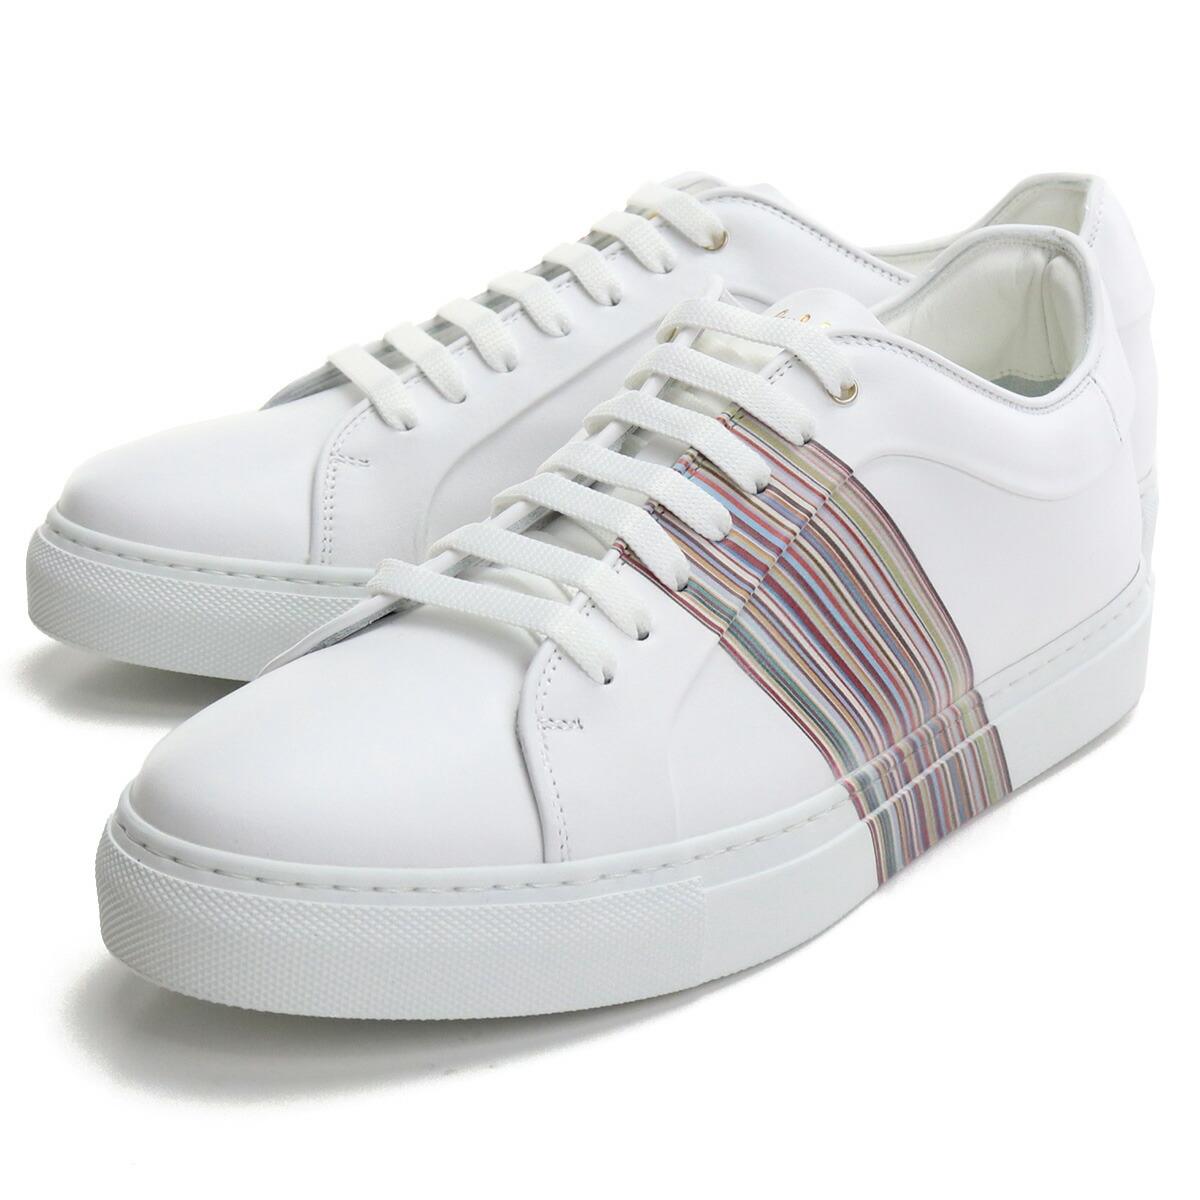 ポール・スミス Paul Smith  メンズスニーカー 白スニーカー ブランドスニーカー M1SBAS59 ATRI 01 WHITE ホワイト系 shoes-01